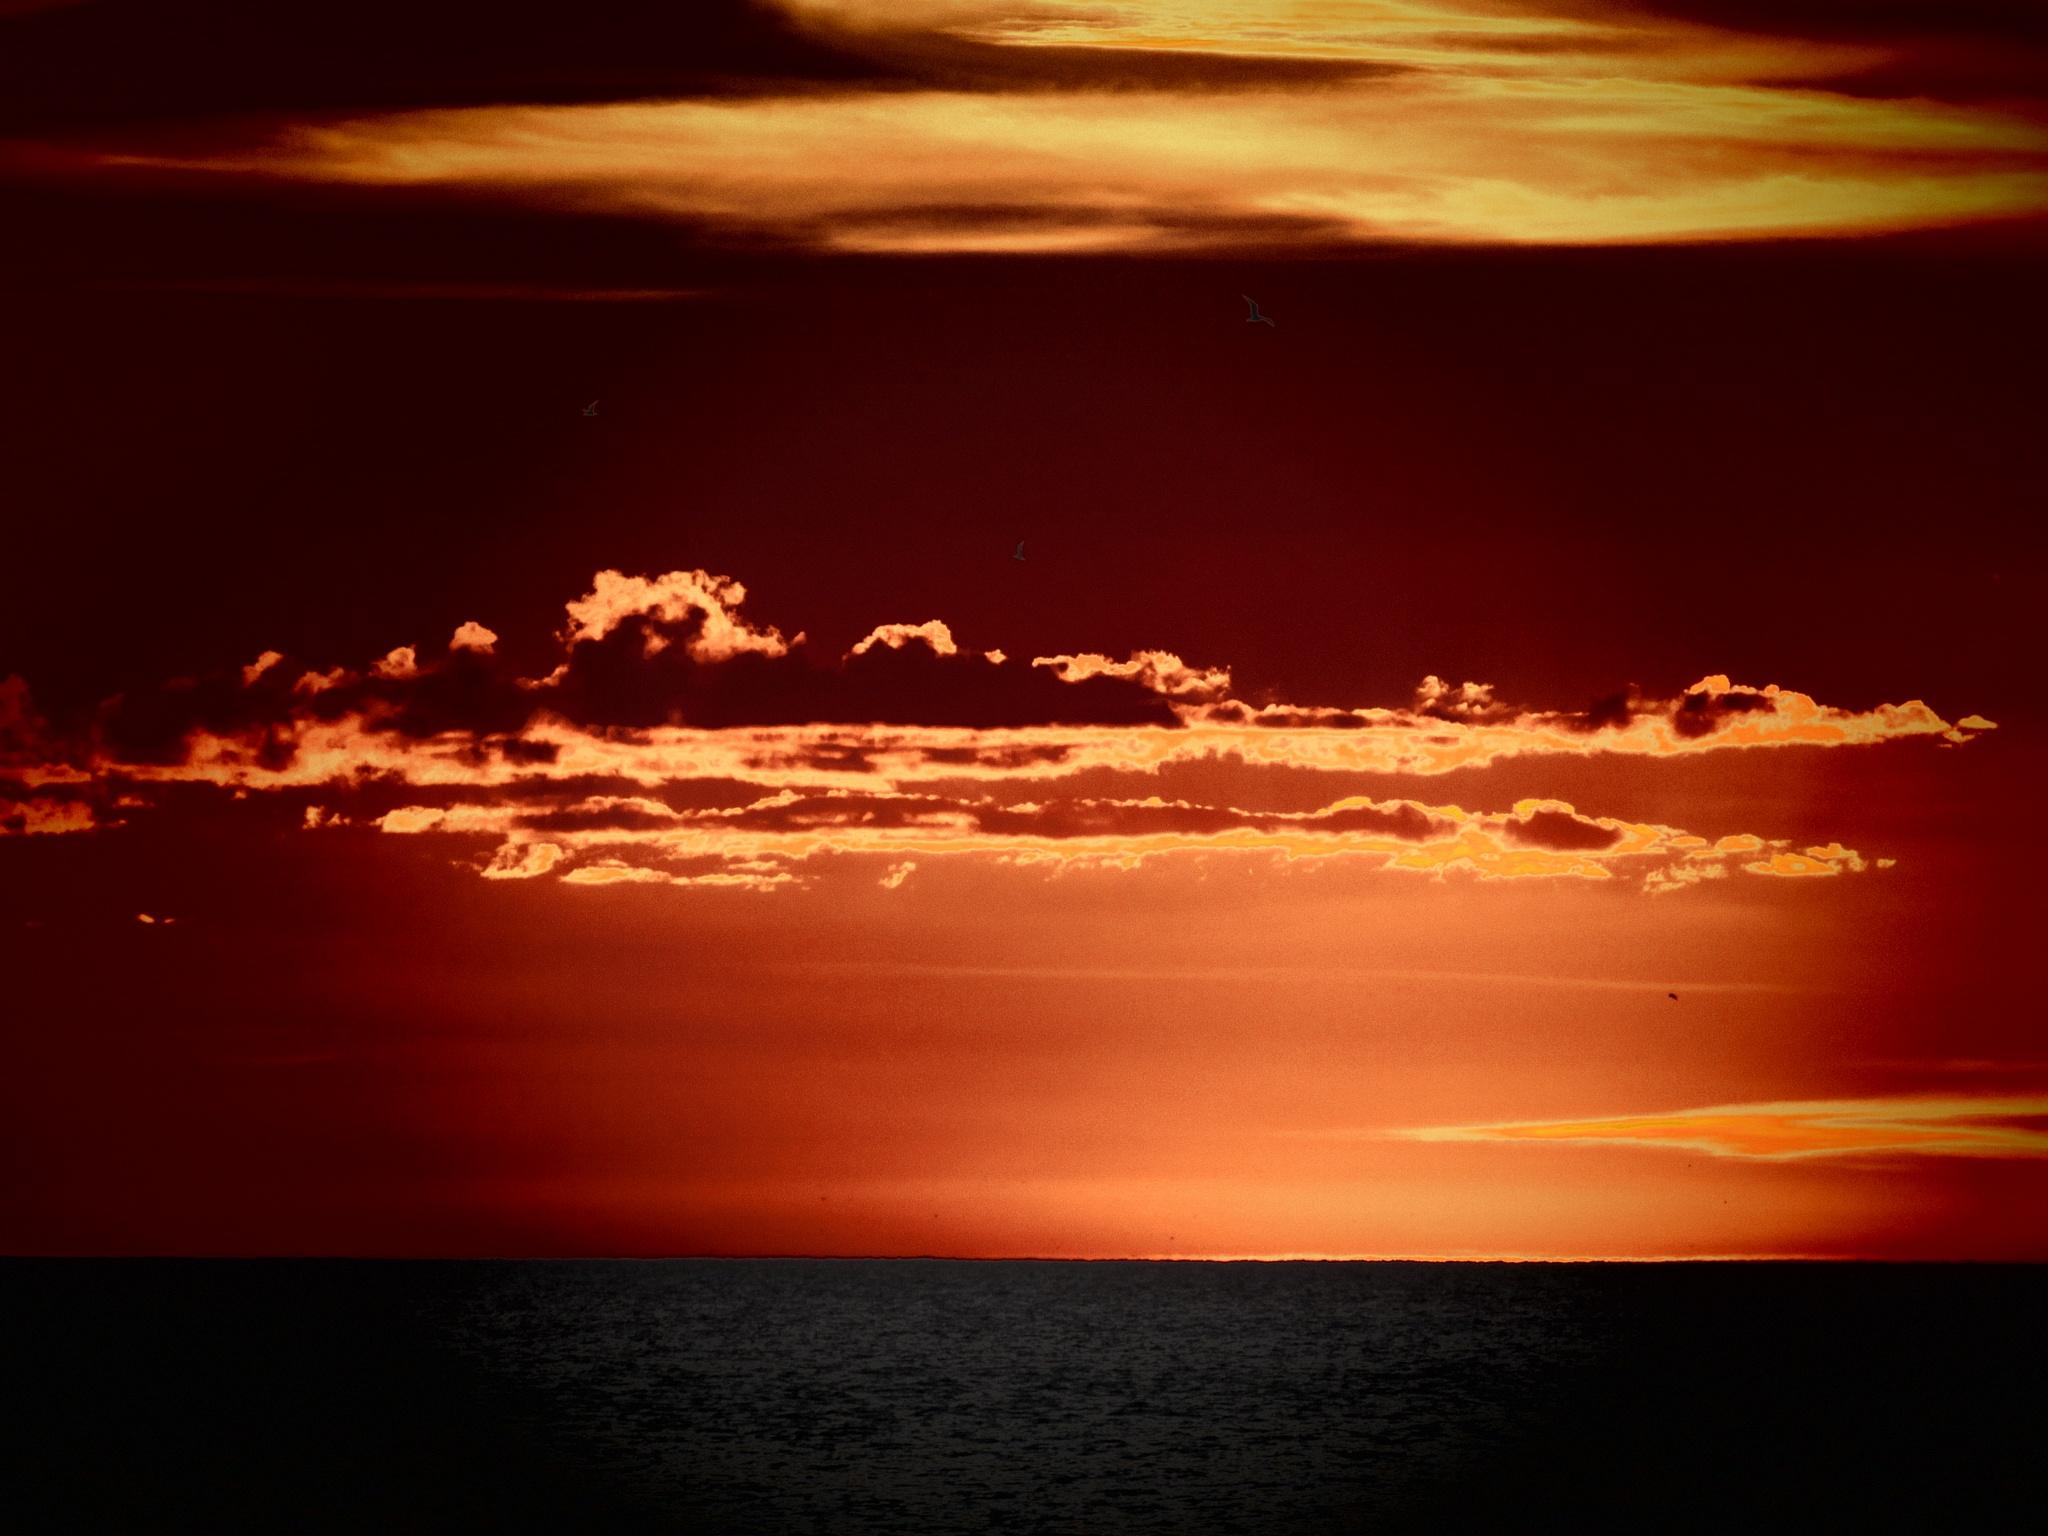 Horizon by Todd